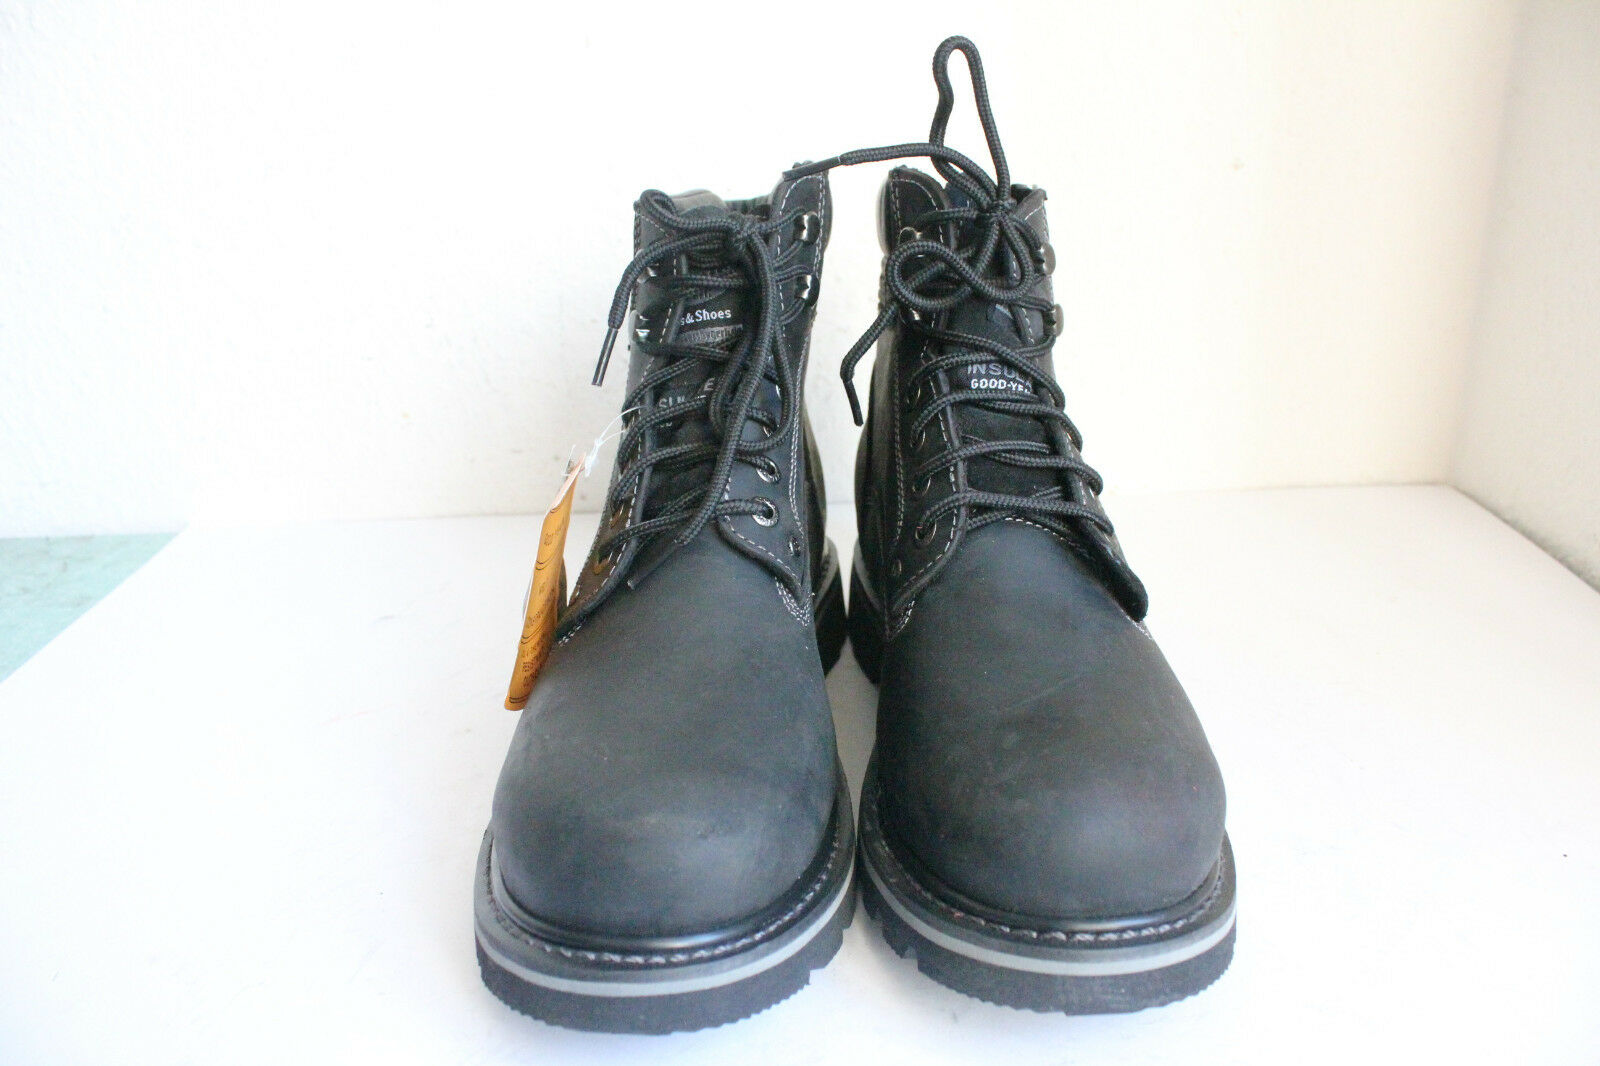 Dockers elegante con cordones botas de cuero genuino negro eu:44 nuevo sin cartón